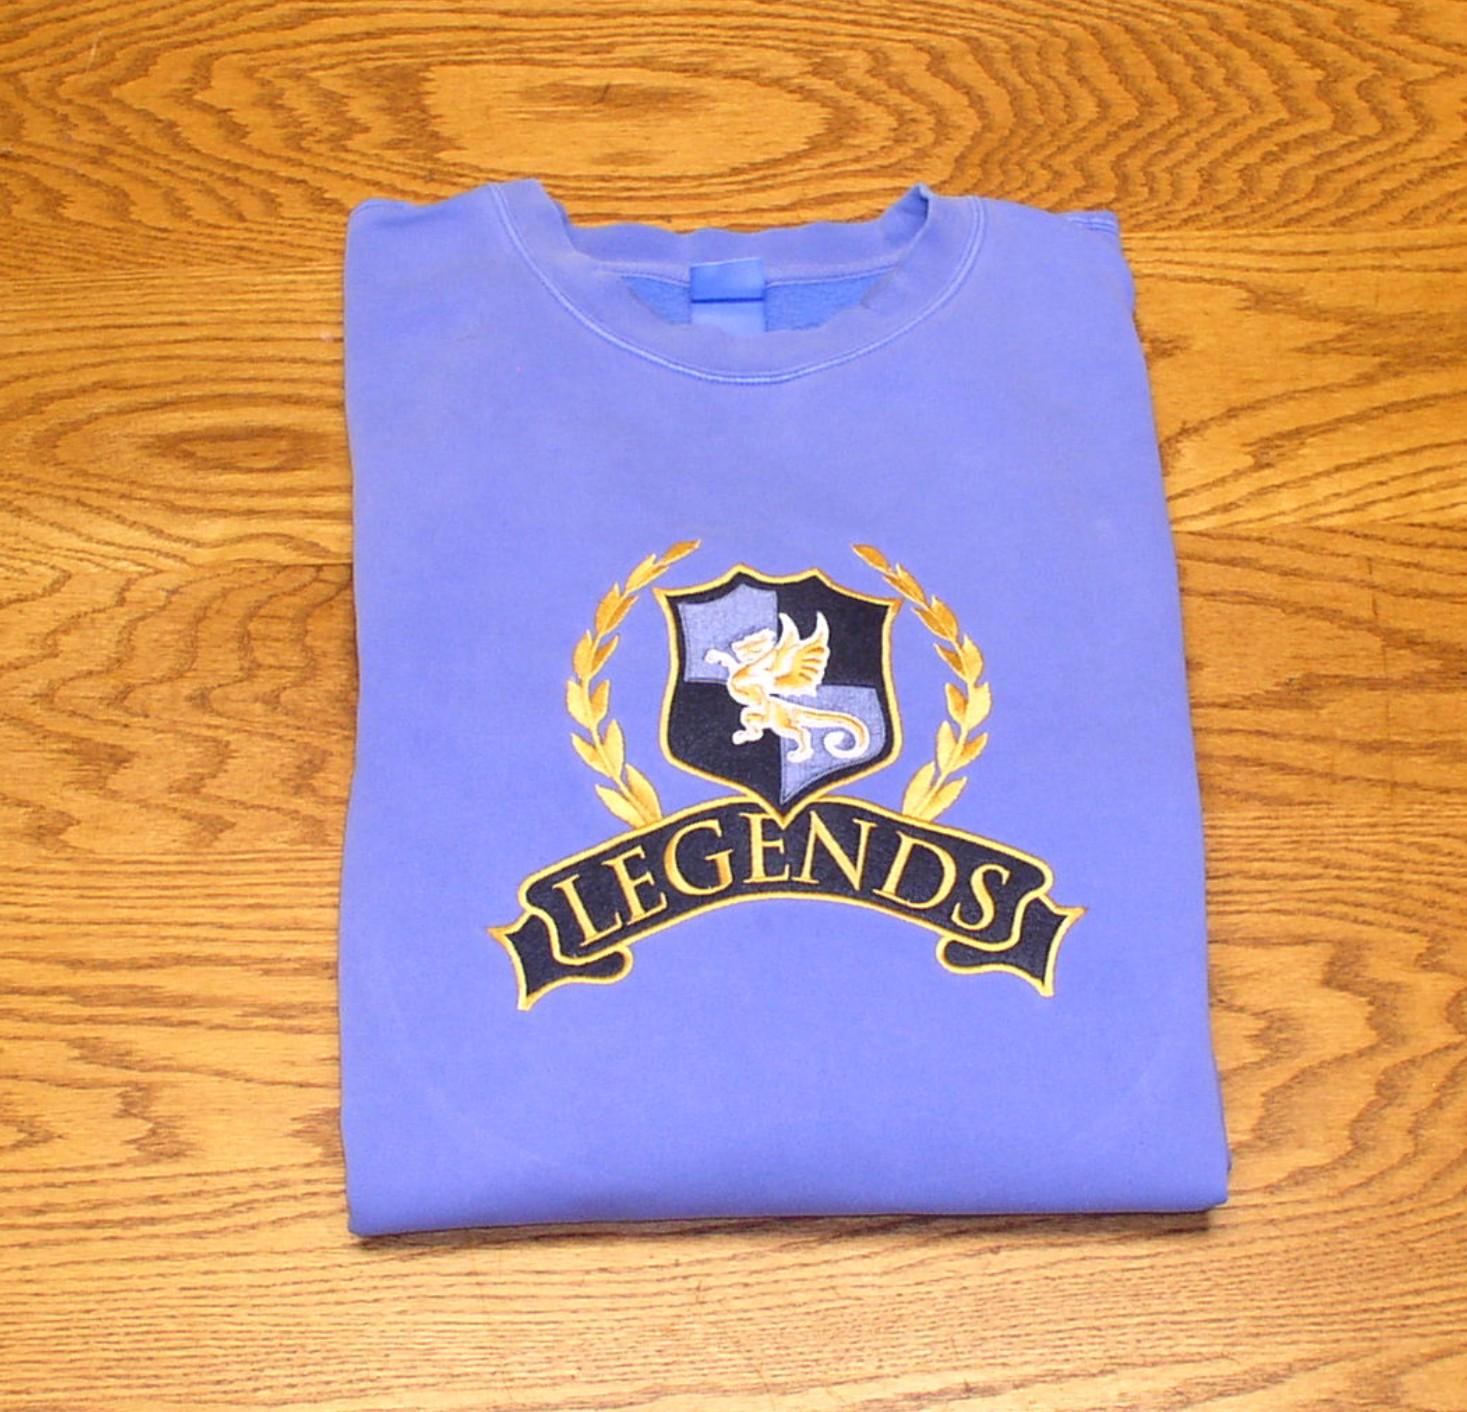 Sweatshirt_Legends_folded_blue.jpg